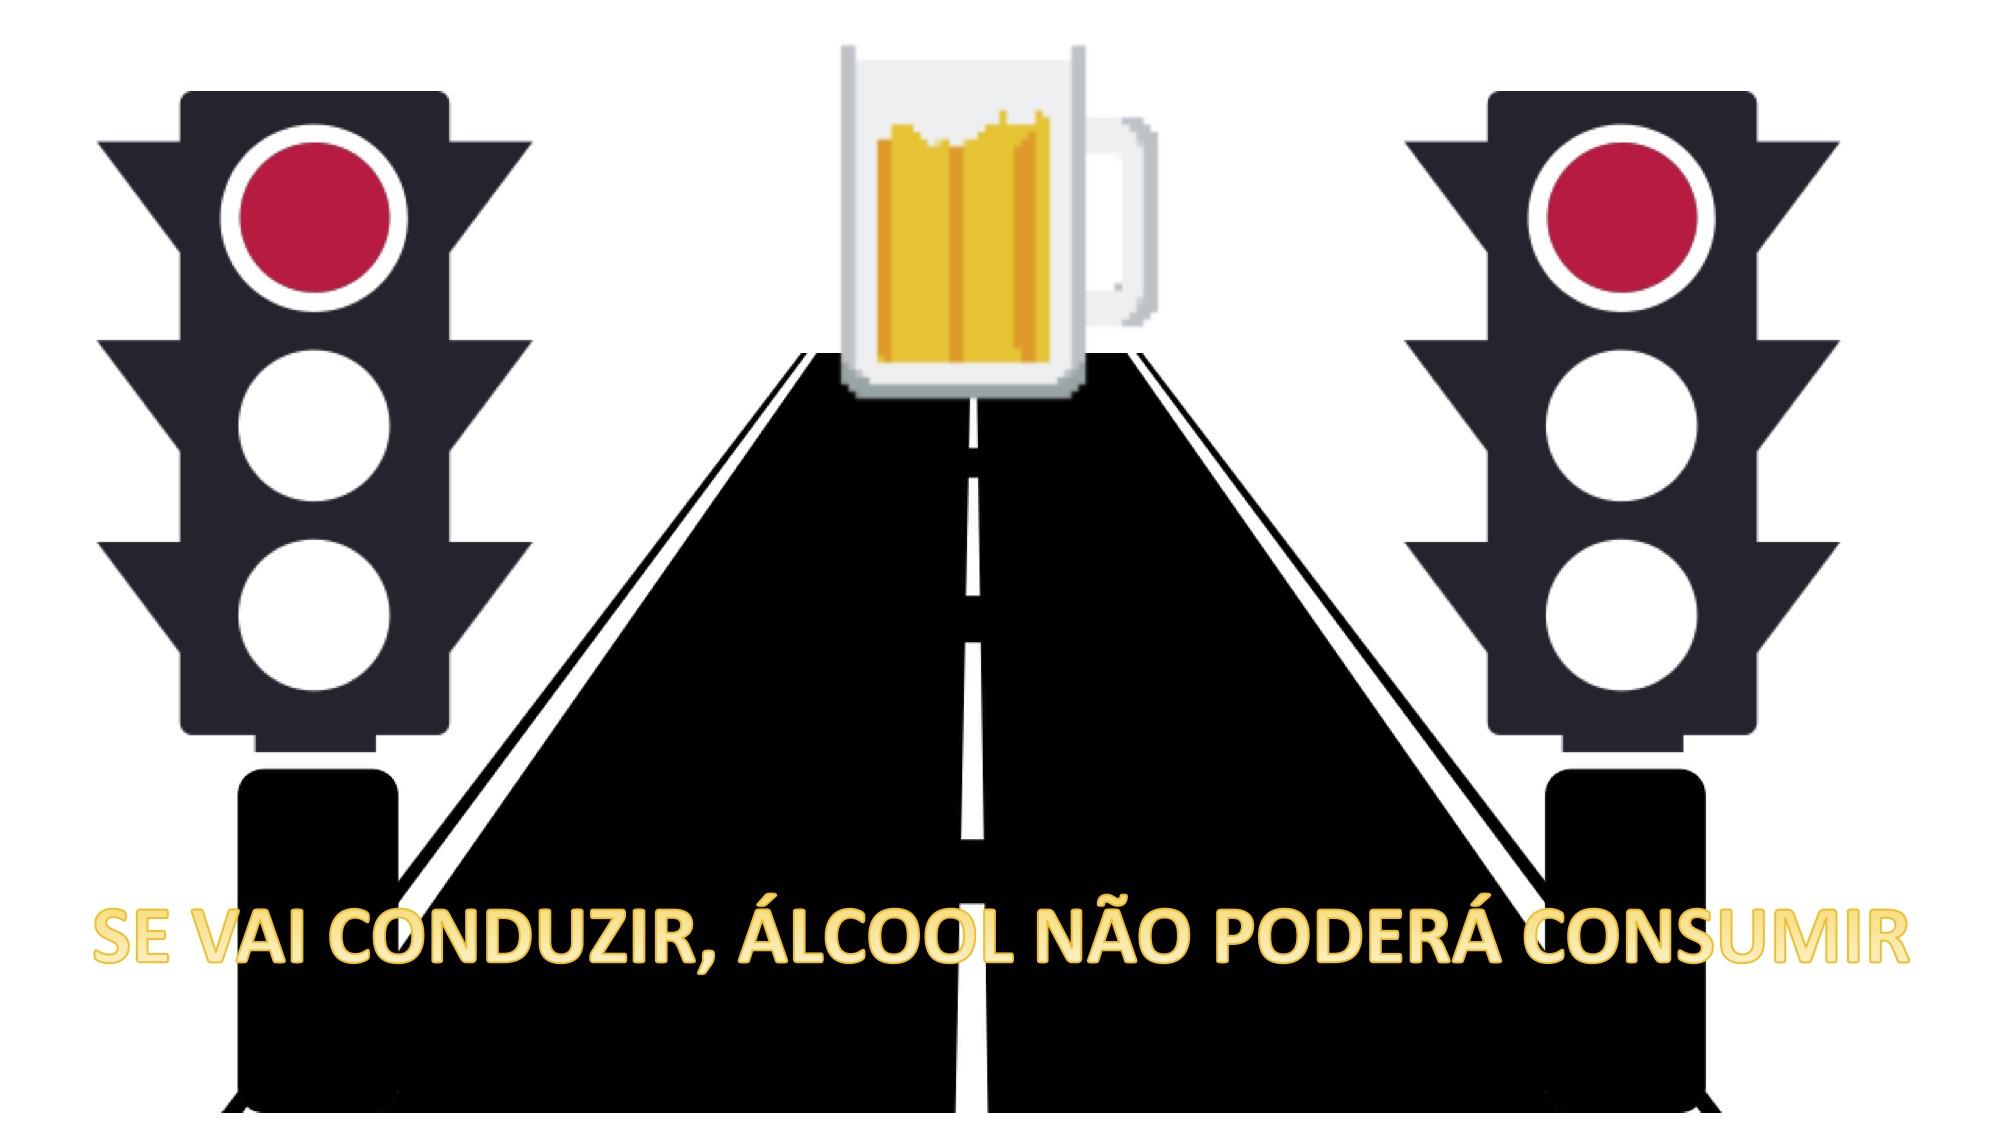 Isaltinos alcool